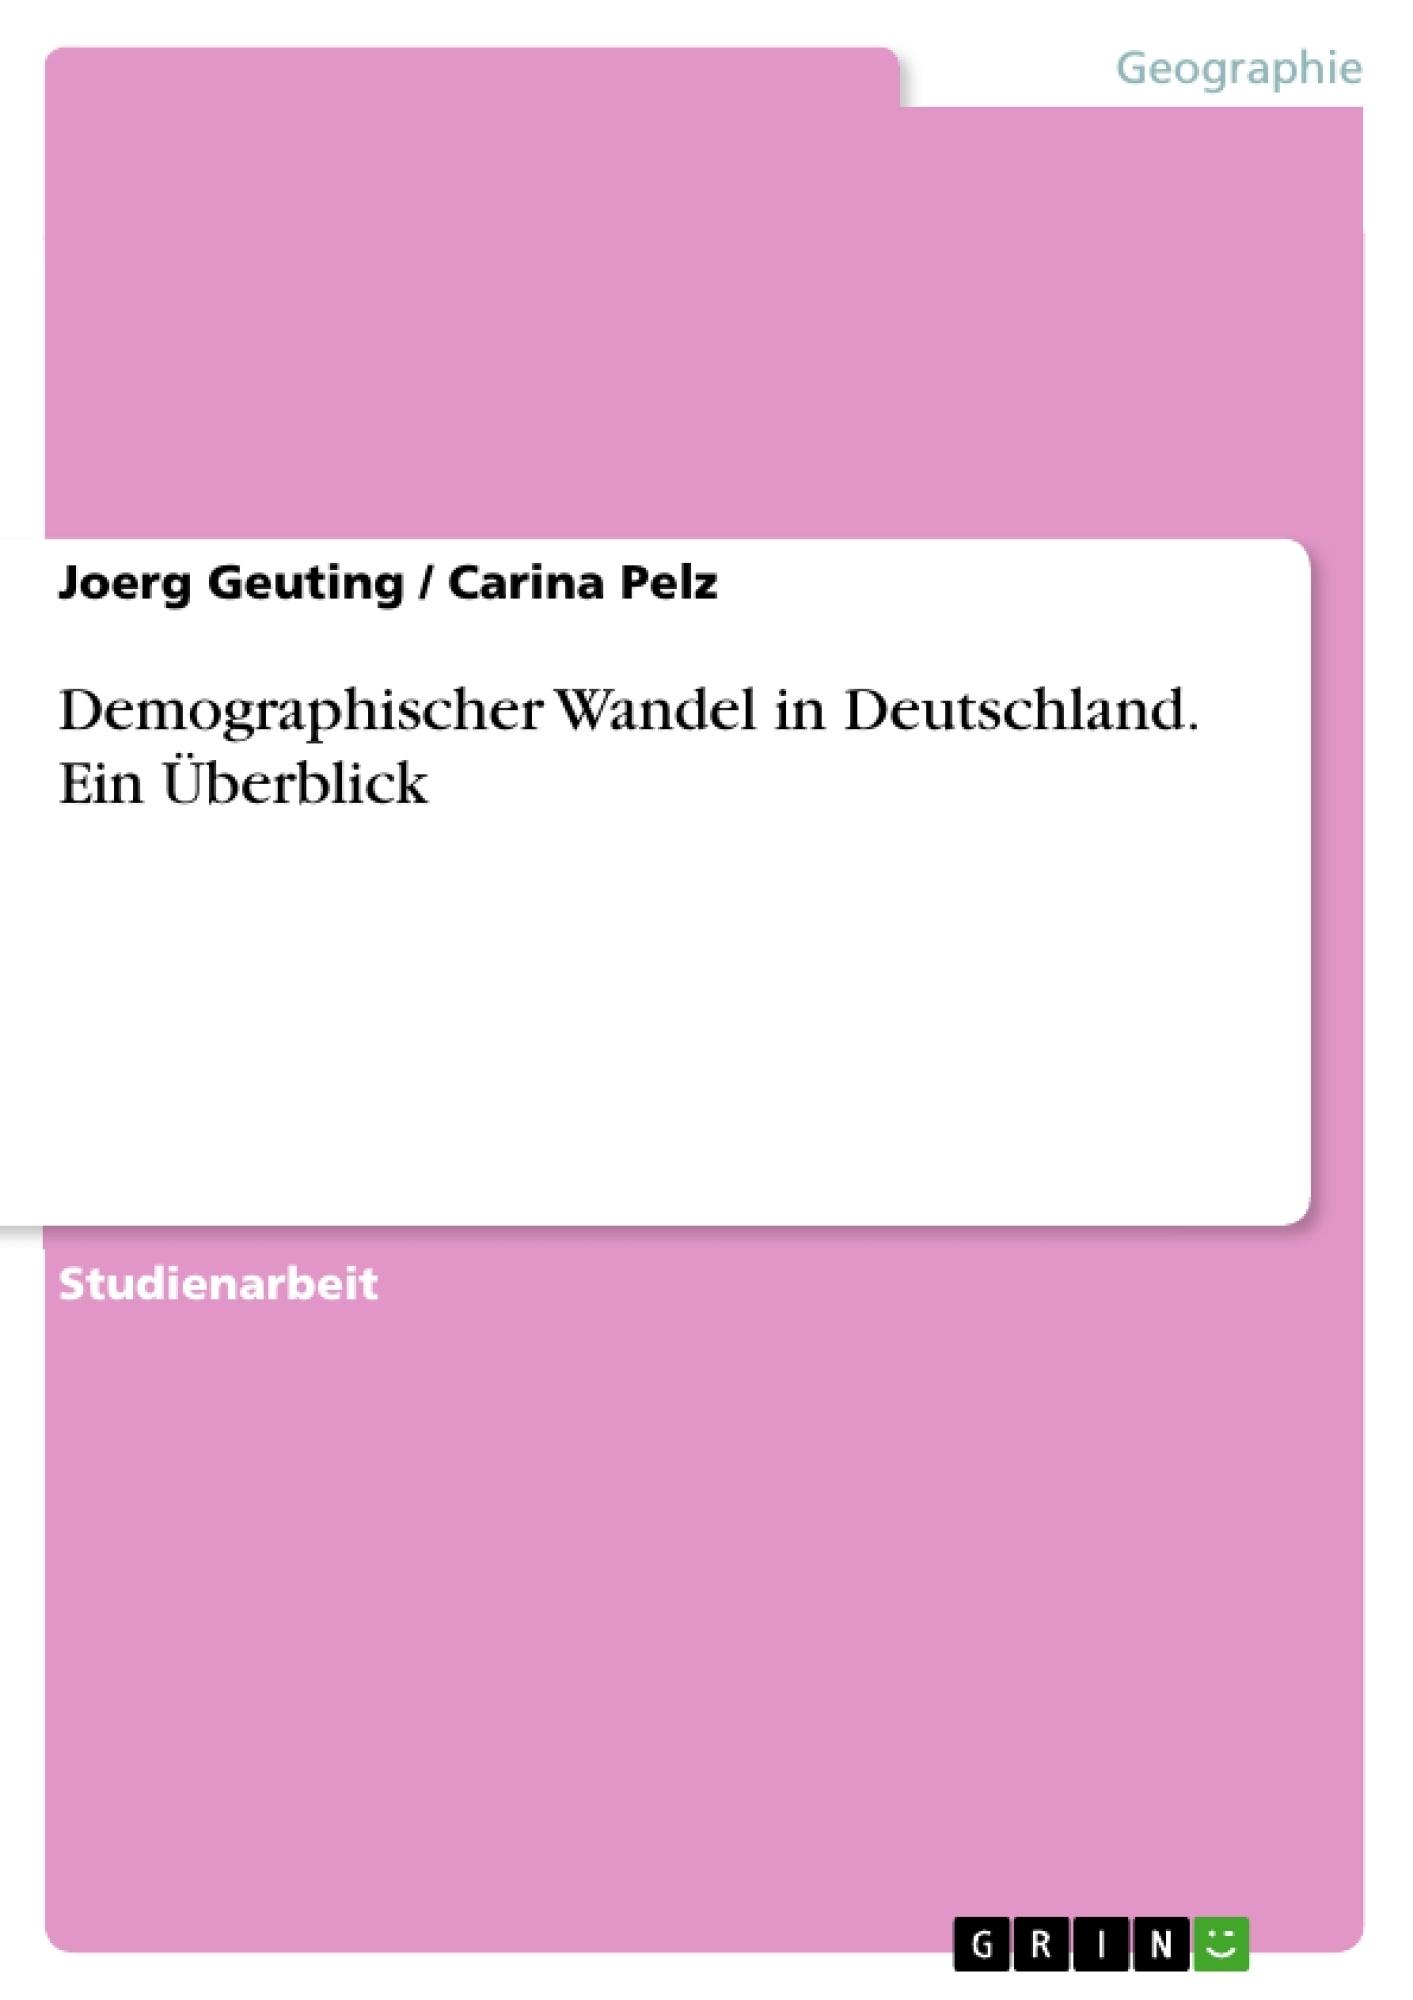 Titel: Demographischer Wandel in Deutschland. Ein Überblick